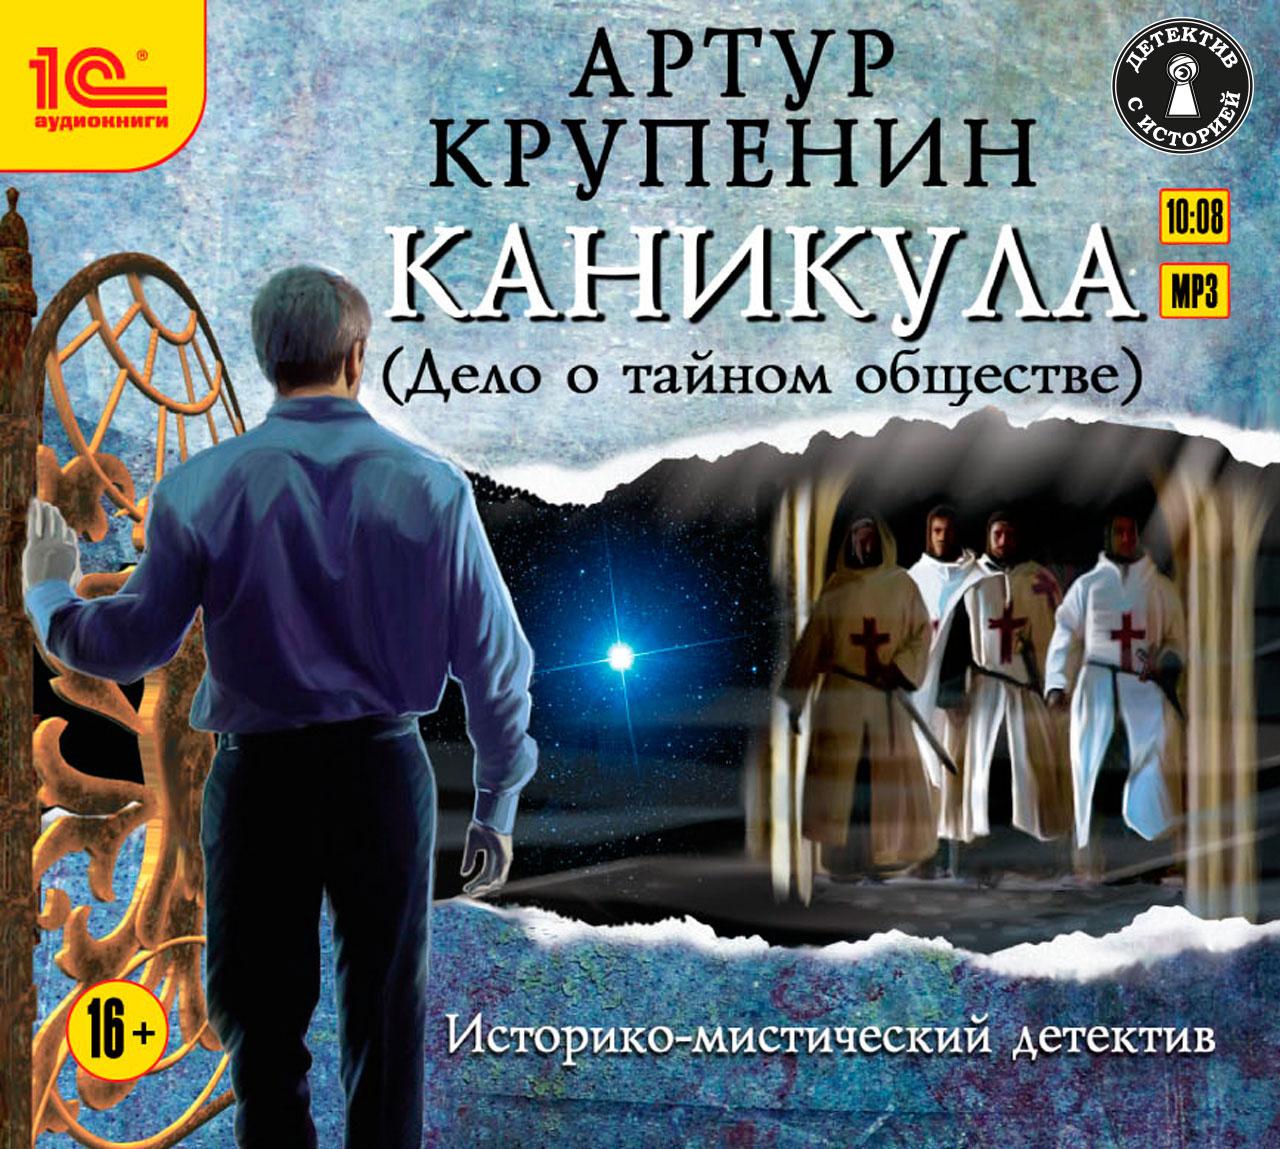 Артур Крупенин Каникула (Дело о тайном обществе) аудиокниги 1с паблишинг 1с аудиокниги артур крупенин каникула дело о тайном обществе digipack